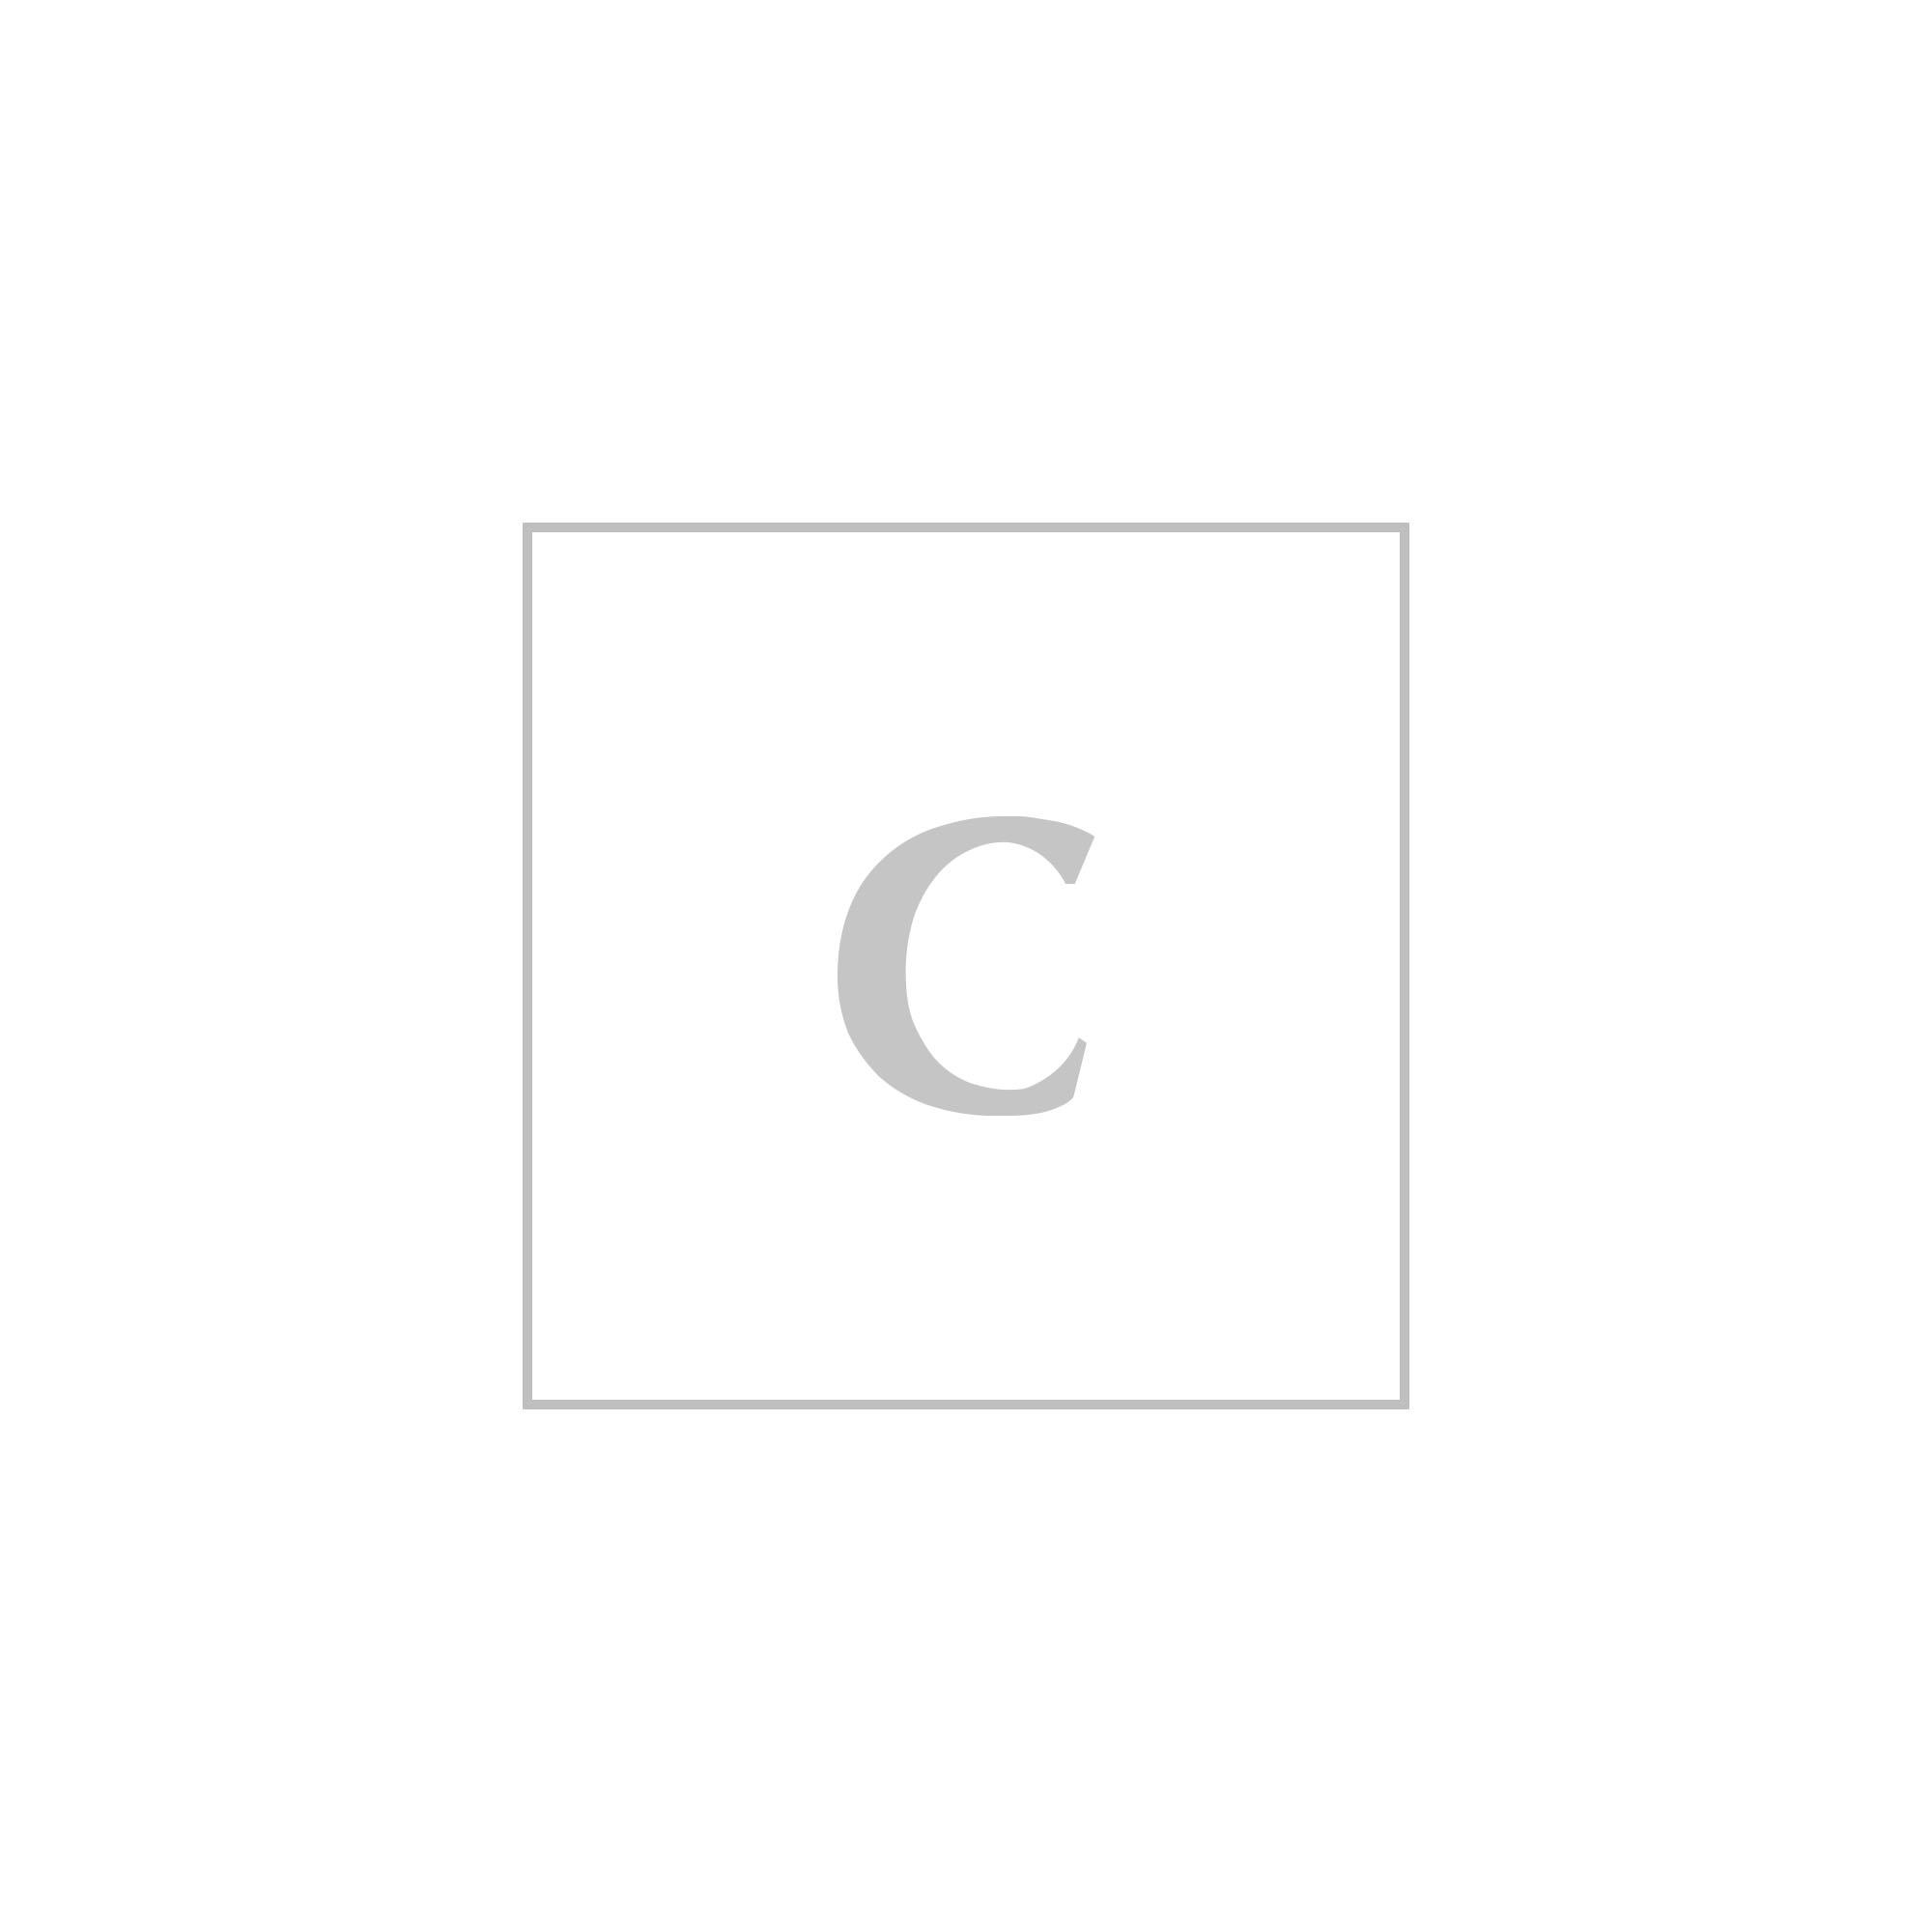 Salvatore ferragamo clutch with woven logo